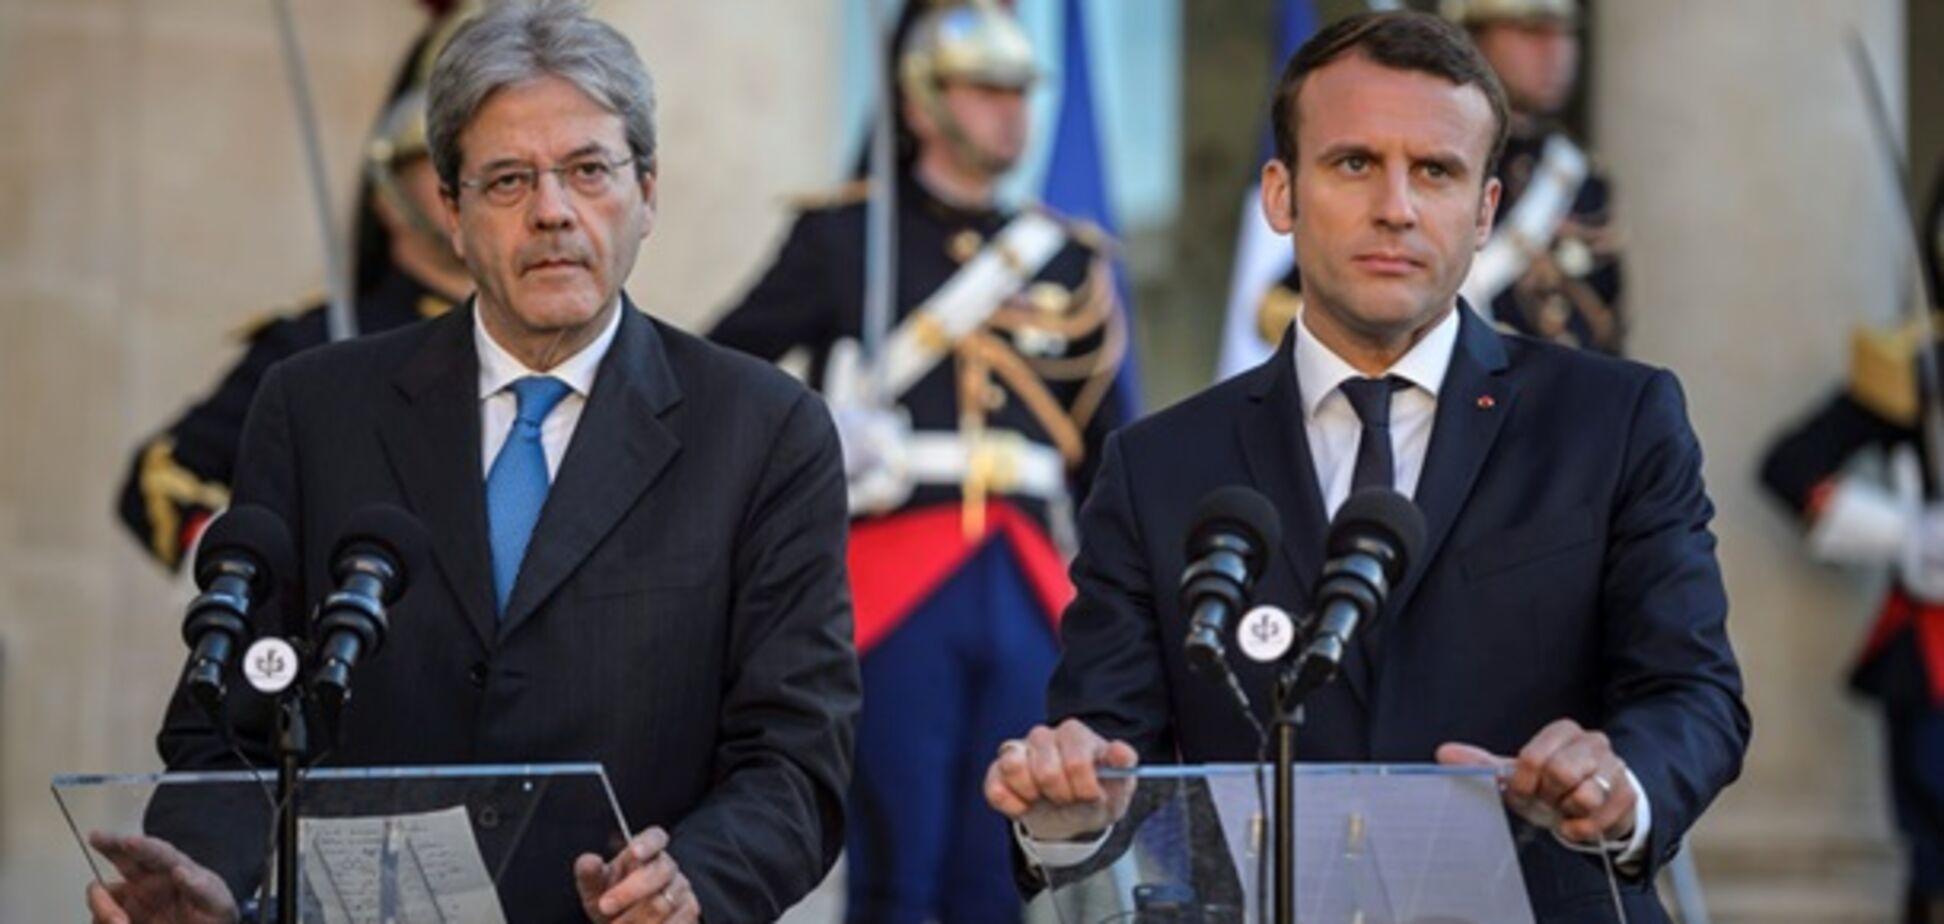 Зустріч Макрона з прем'єром Італії